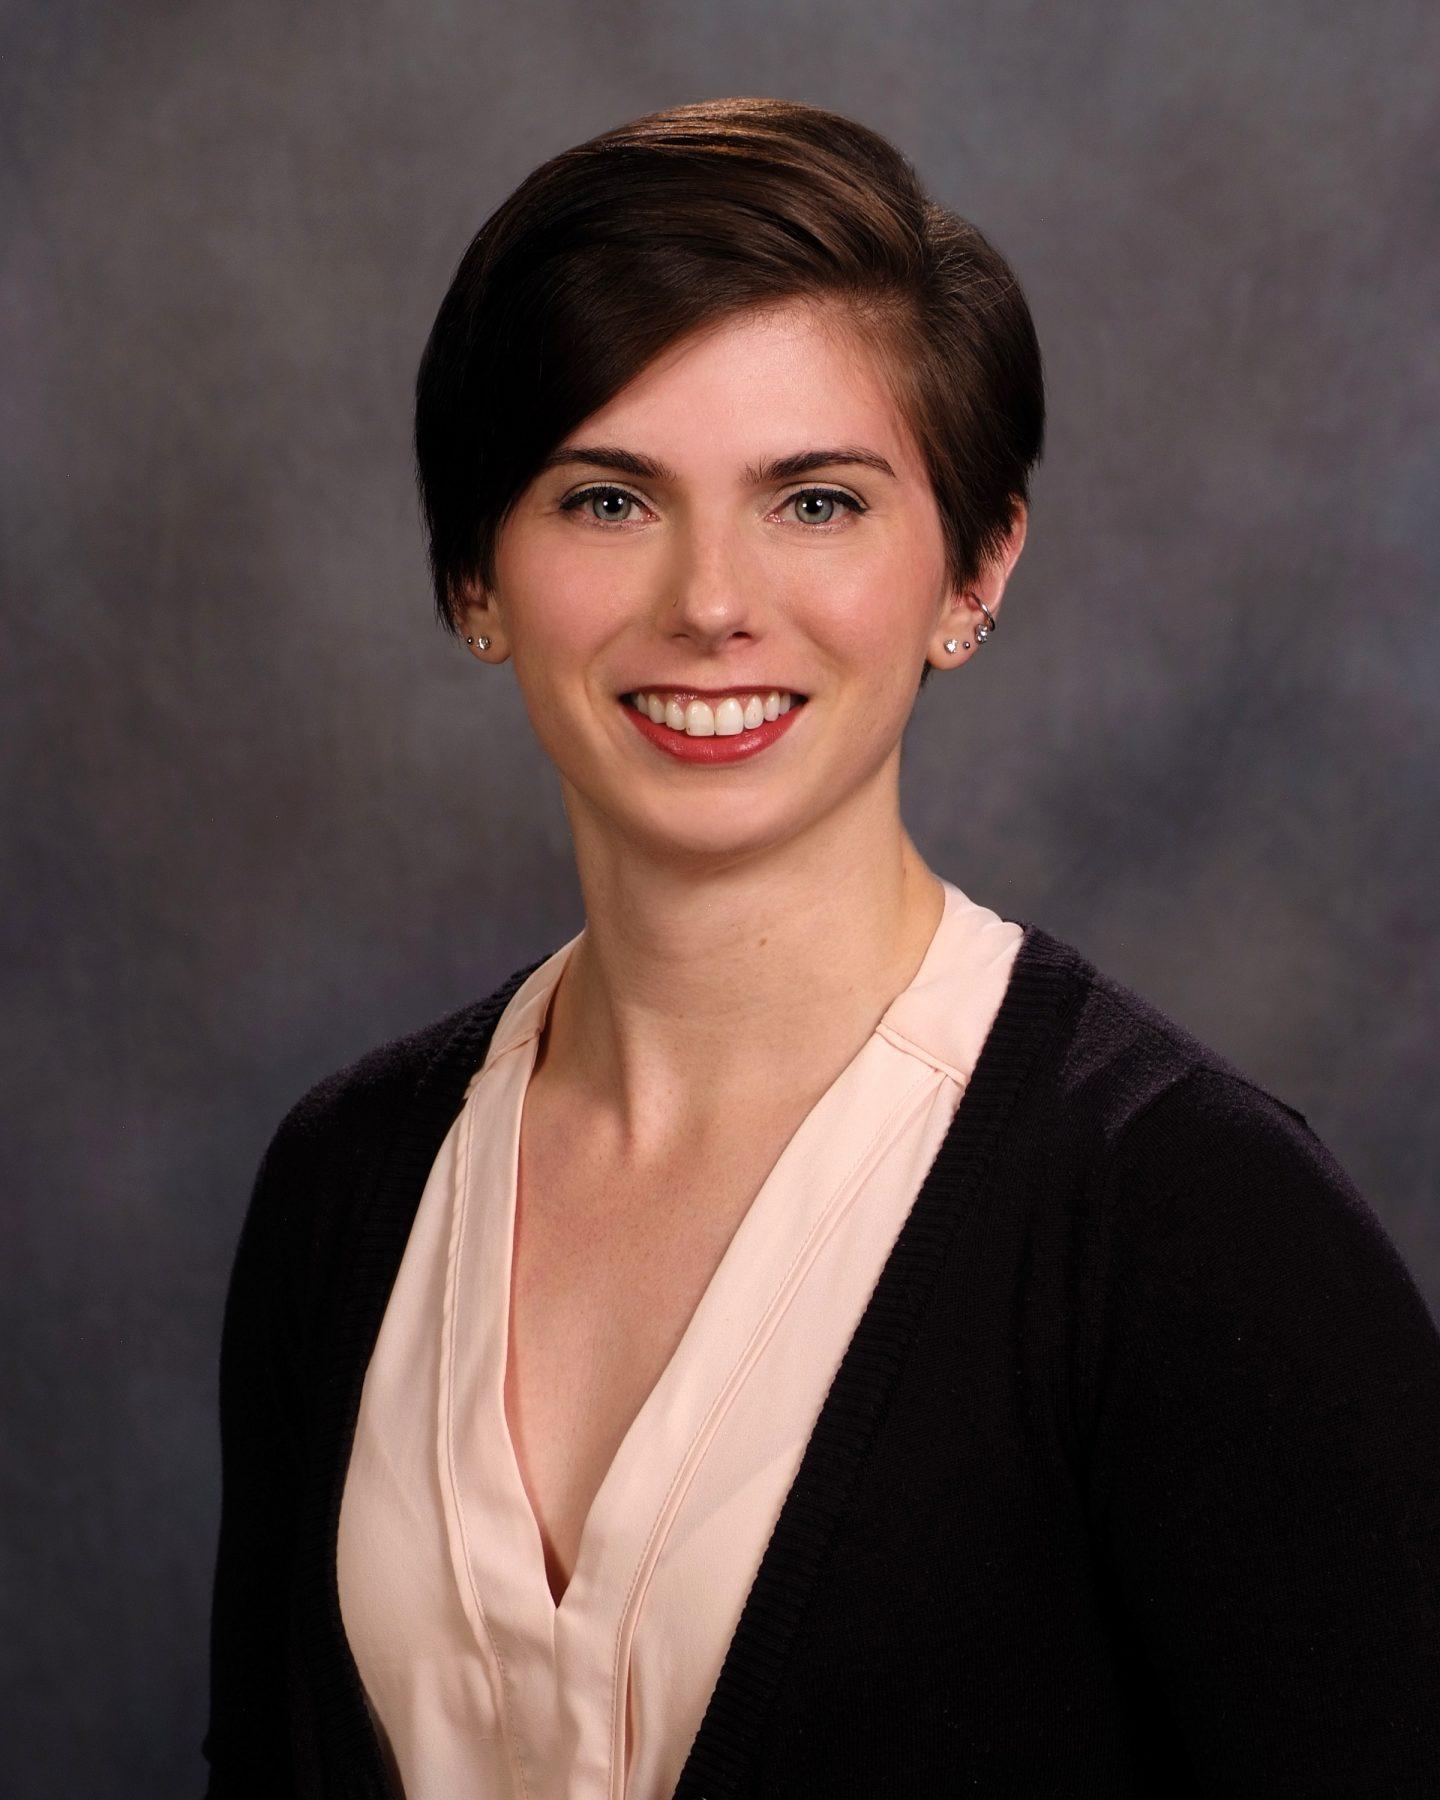 Audrey Jaksich Profile Image